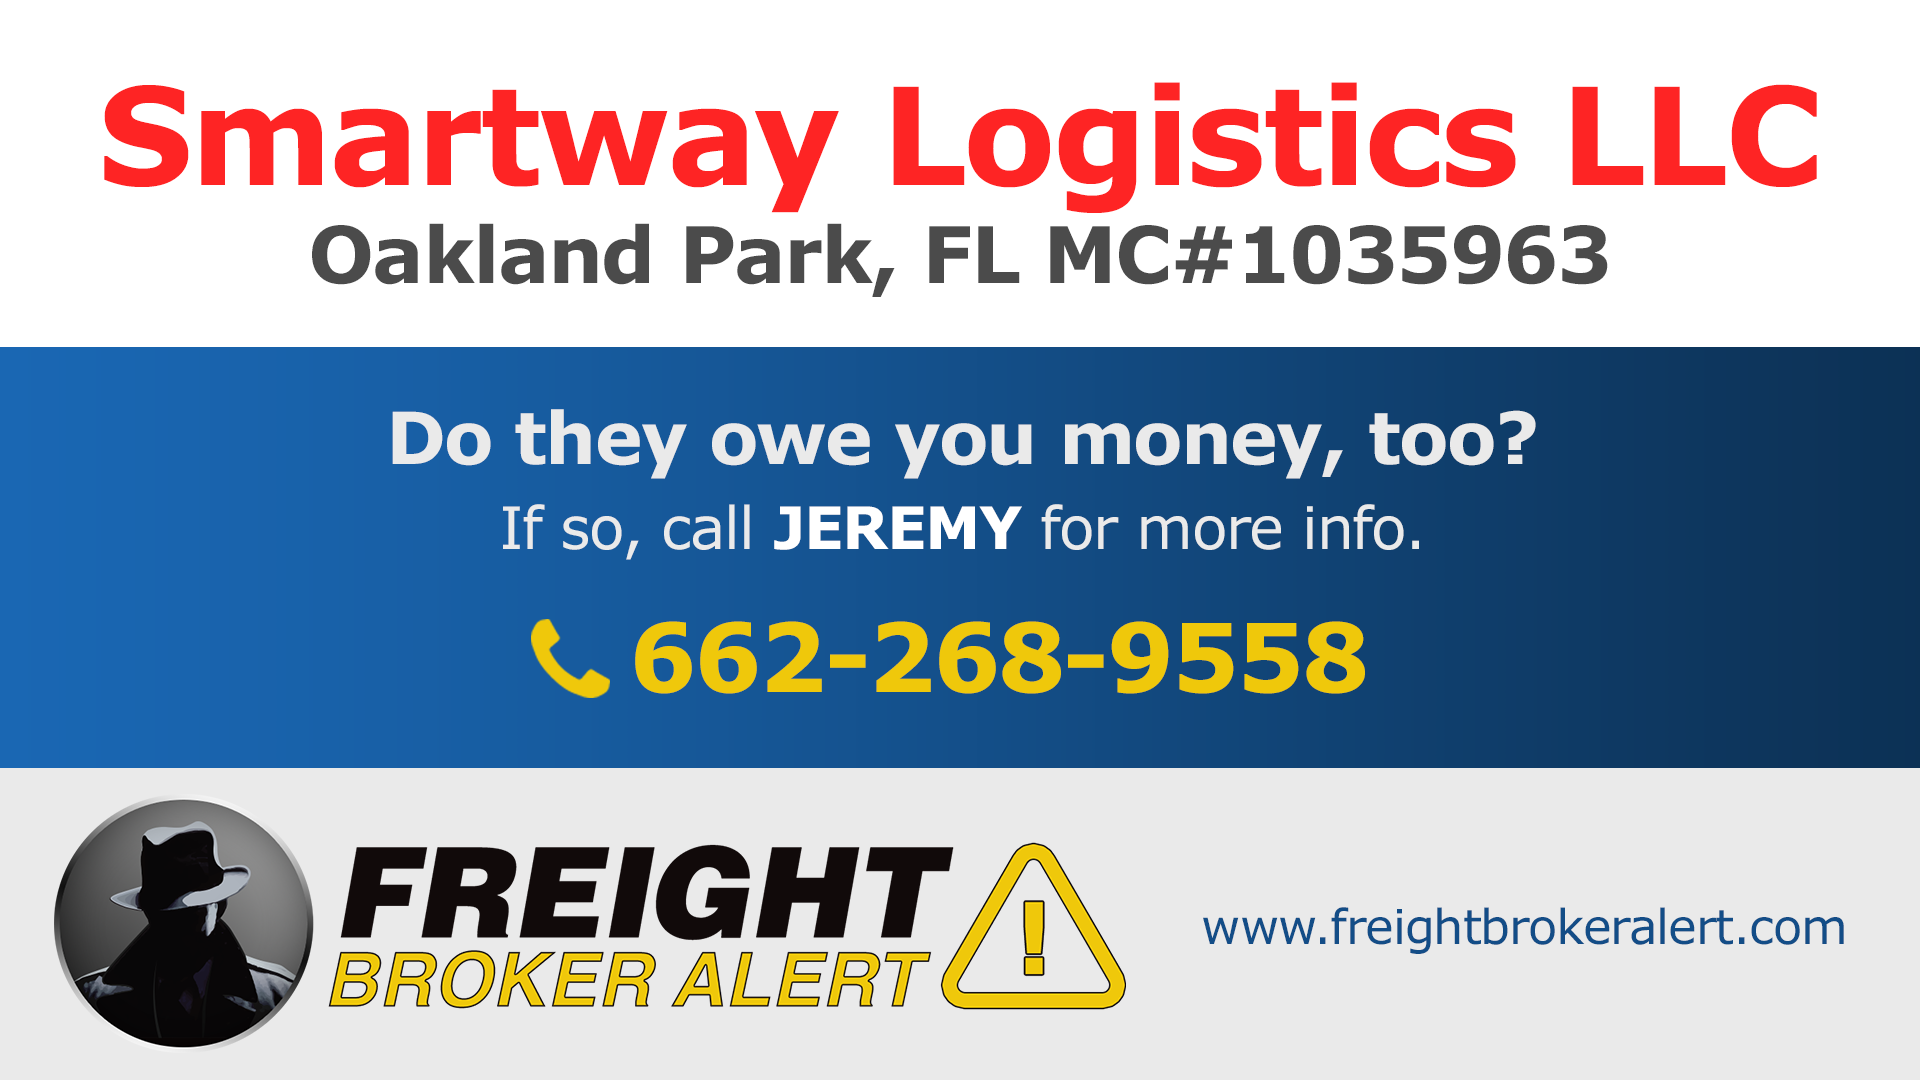 Smartway Logistics LLC Florida